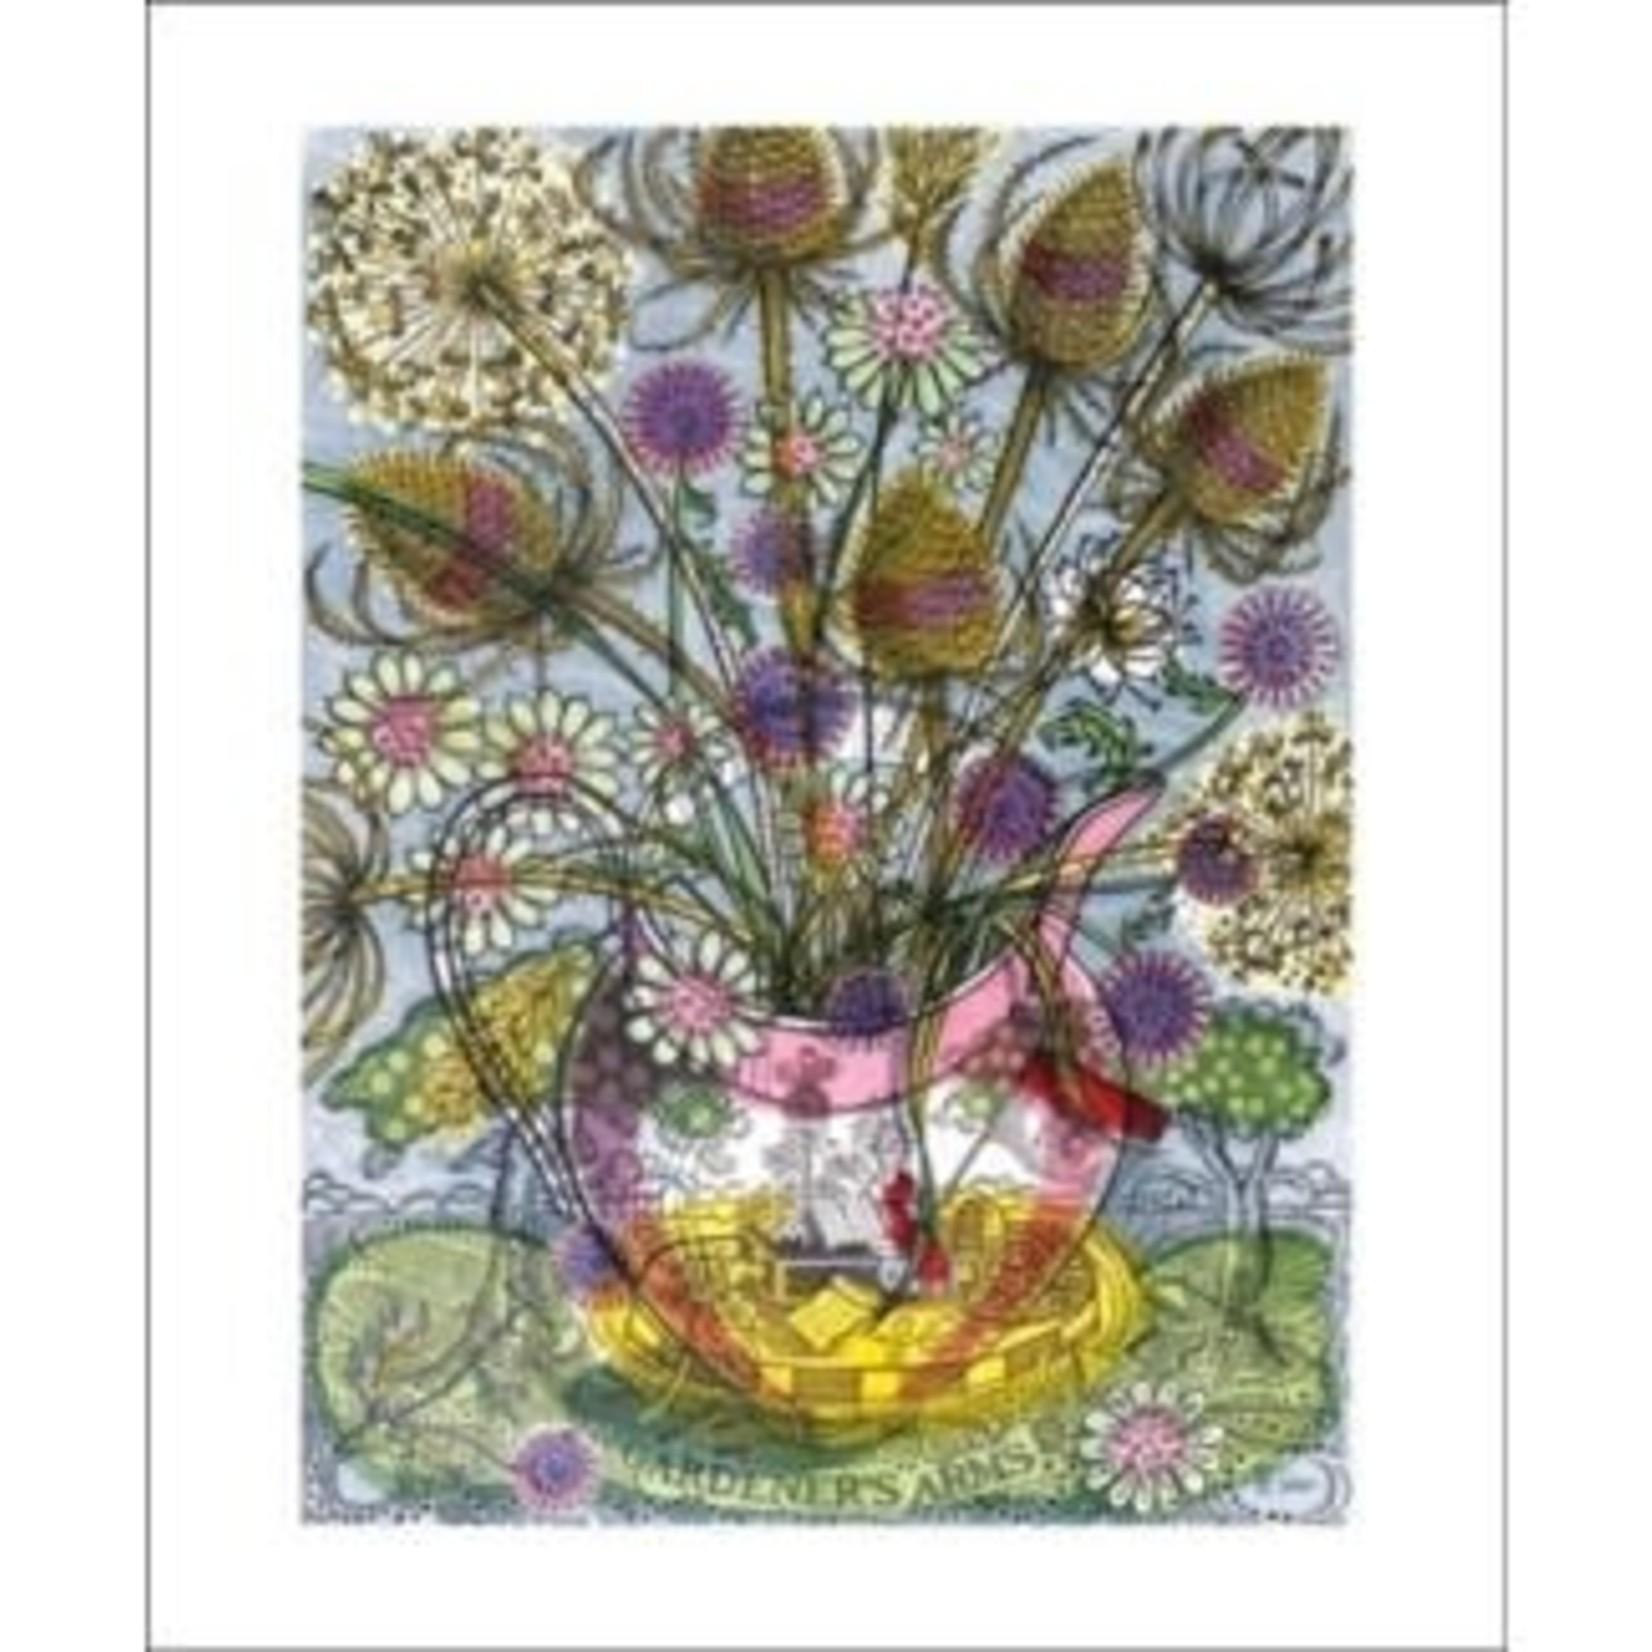 Art Angel Gardener's Arms III